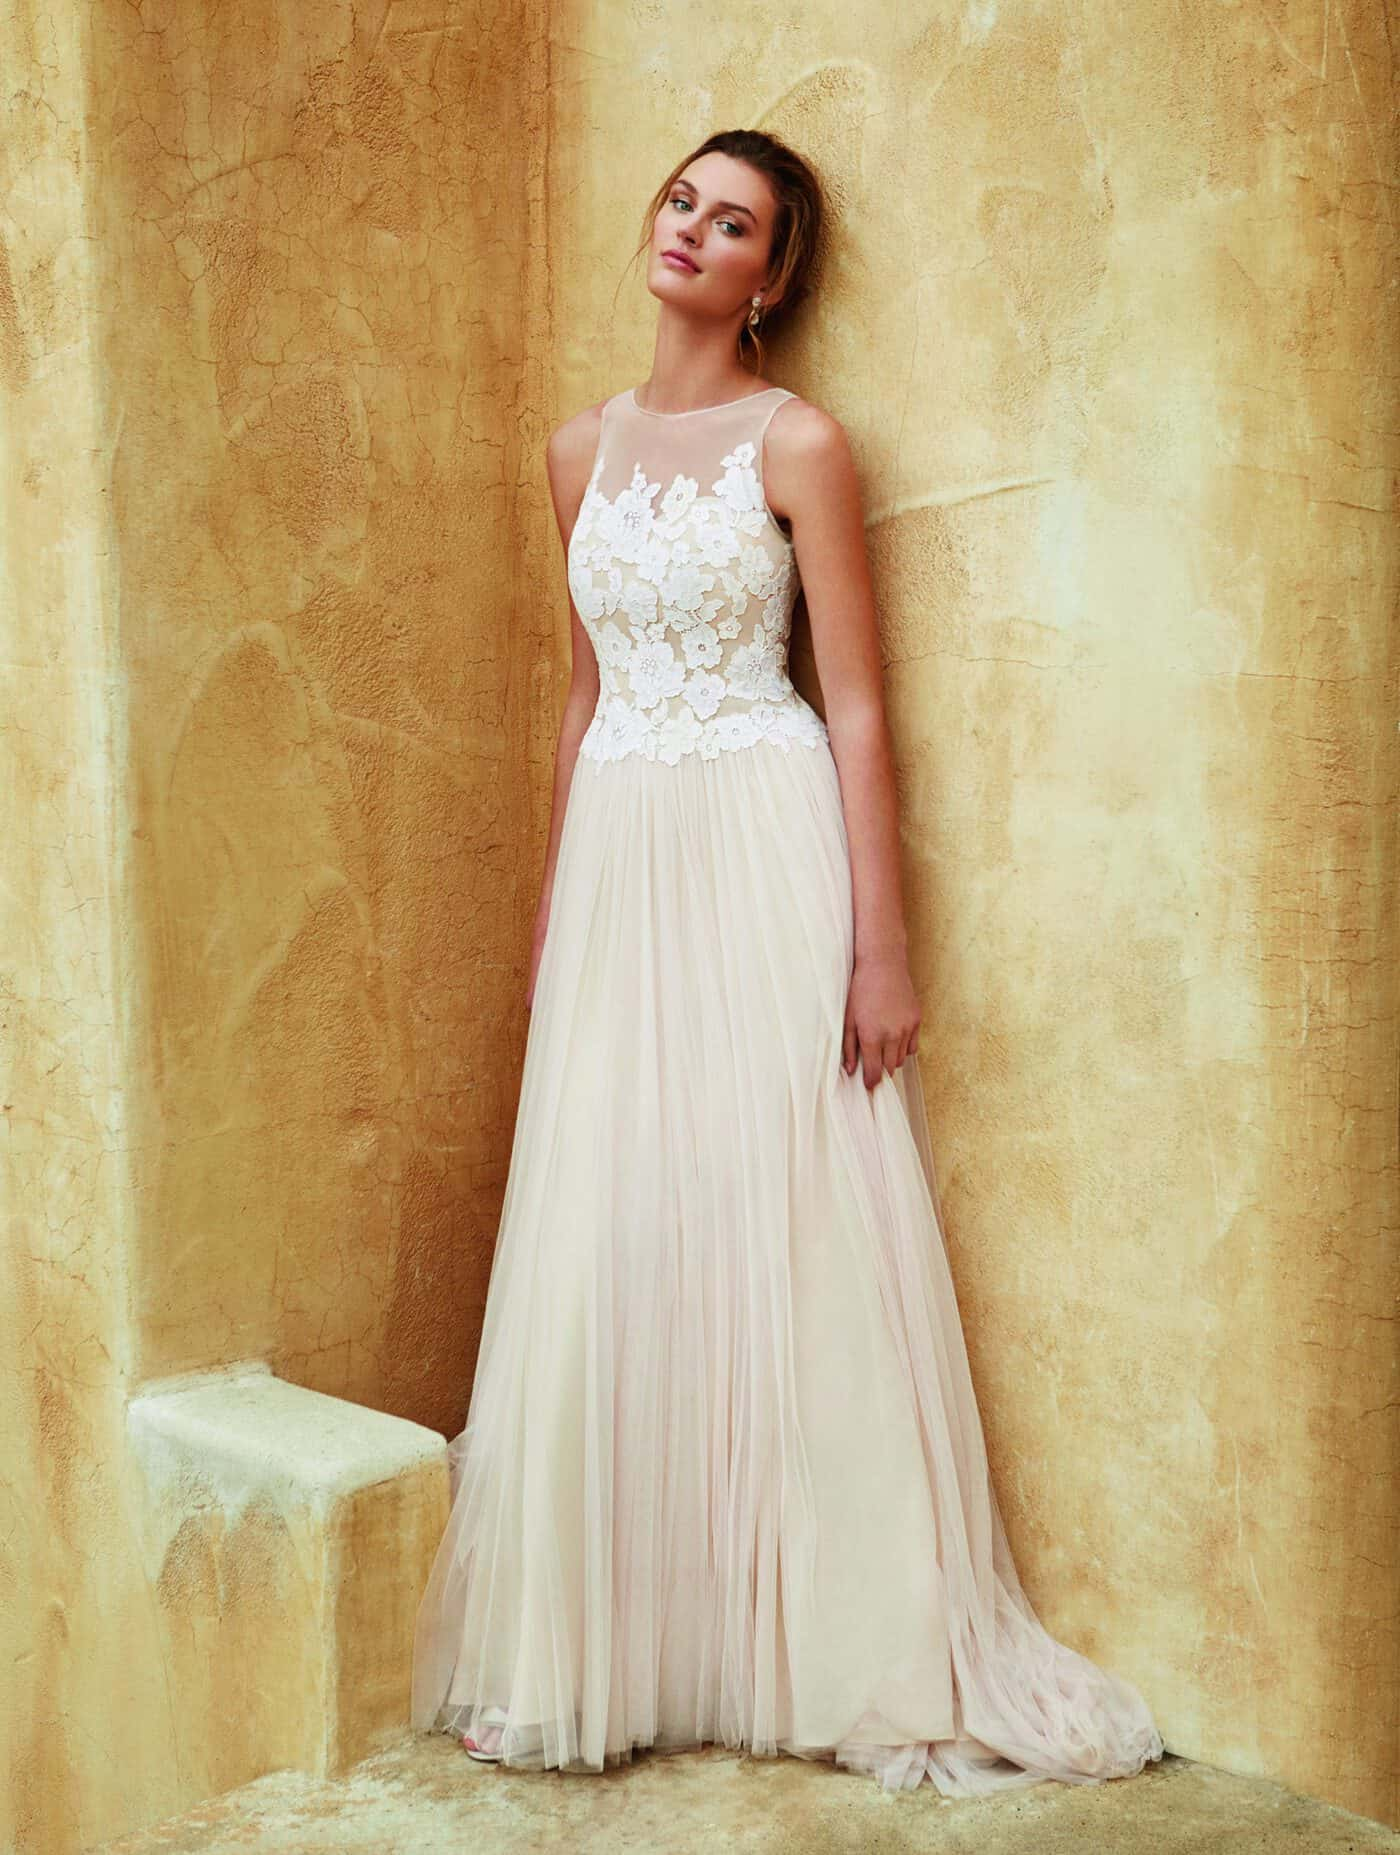 Brautkleid marke belgien